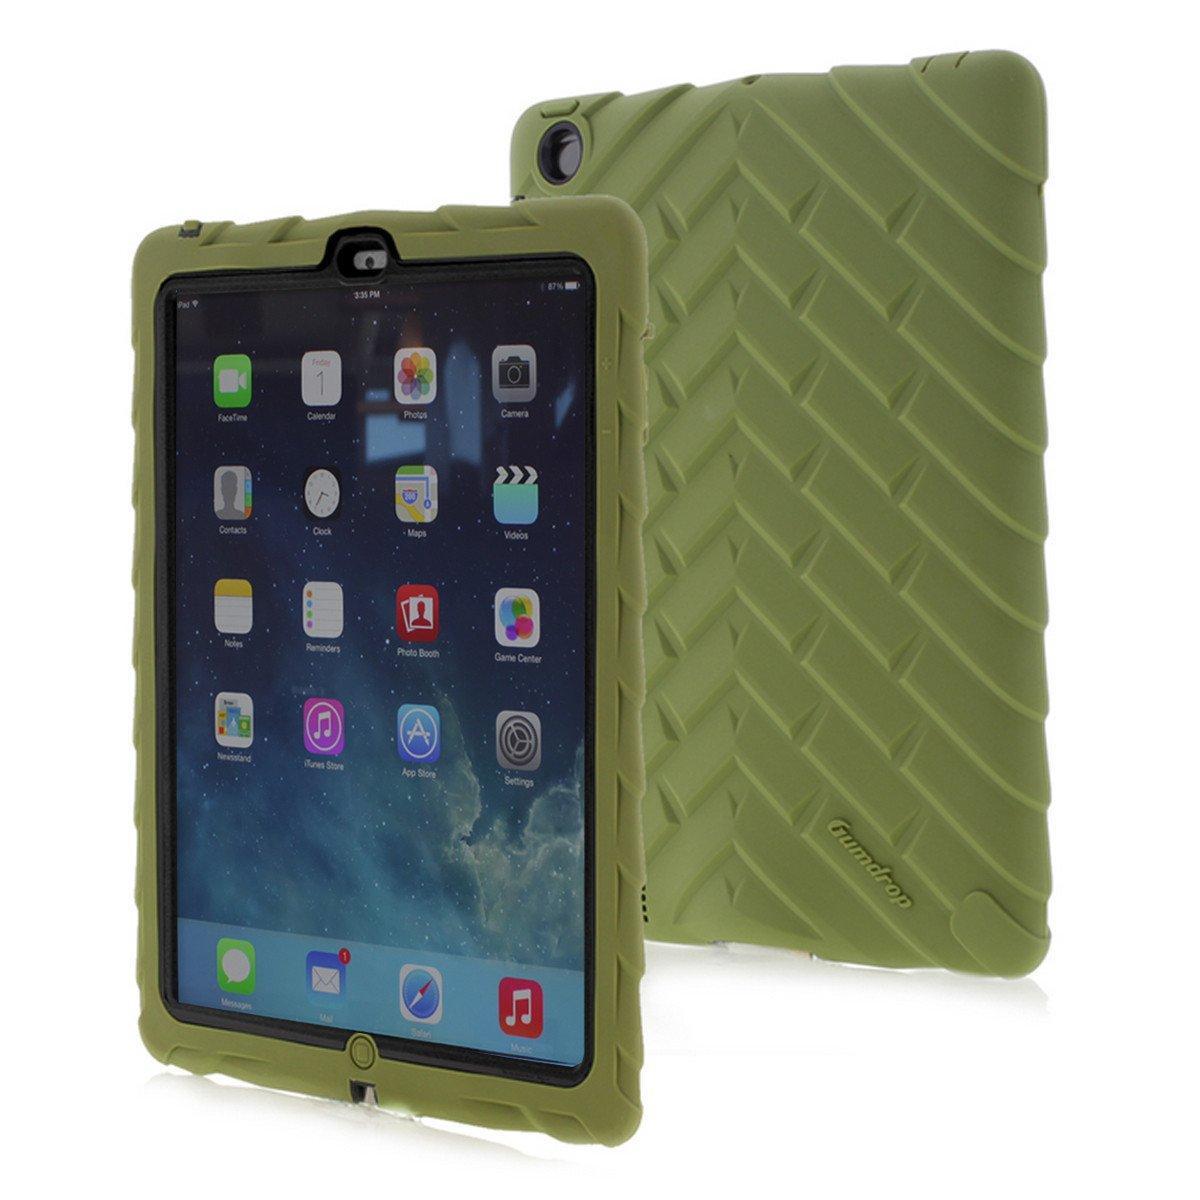 Drop Tech Orange Gumdrop Cases 2